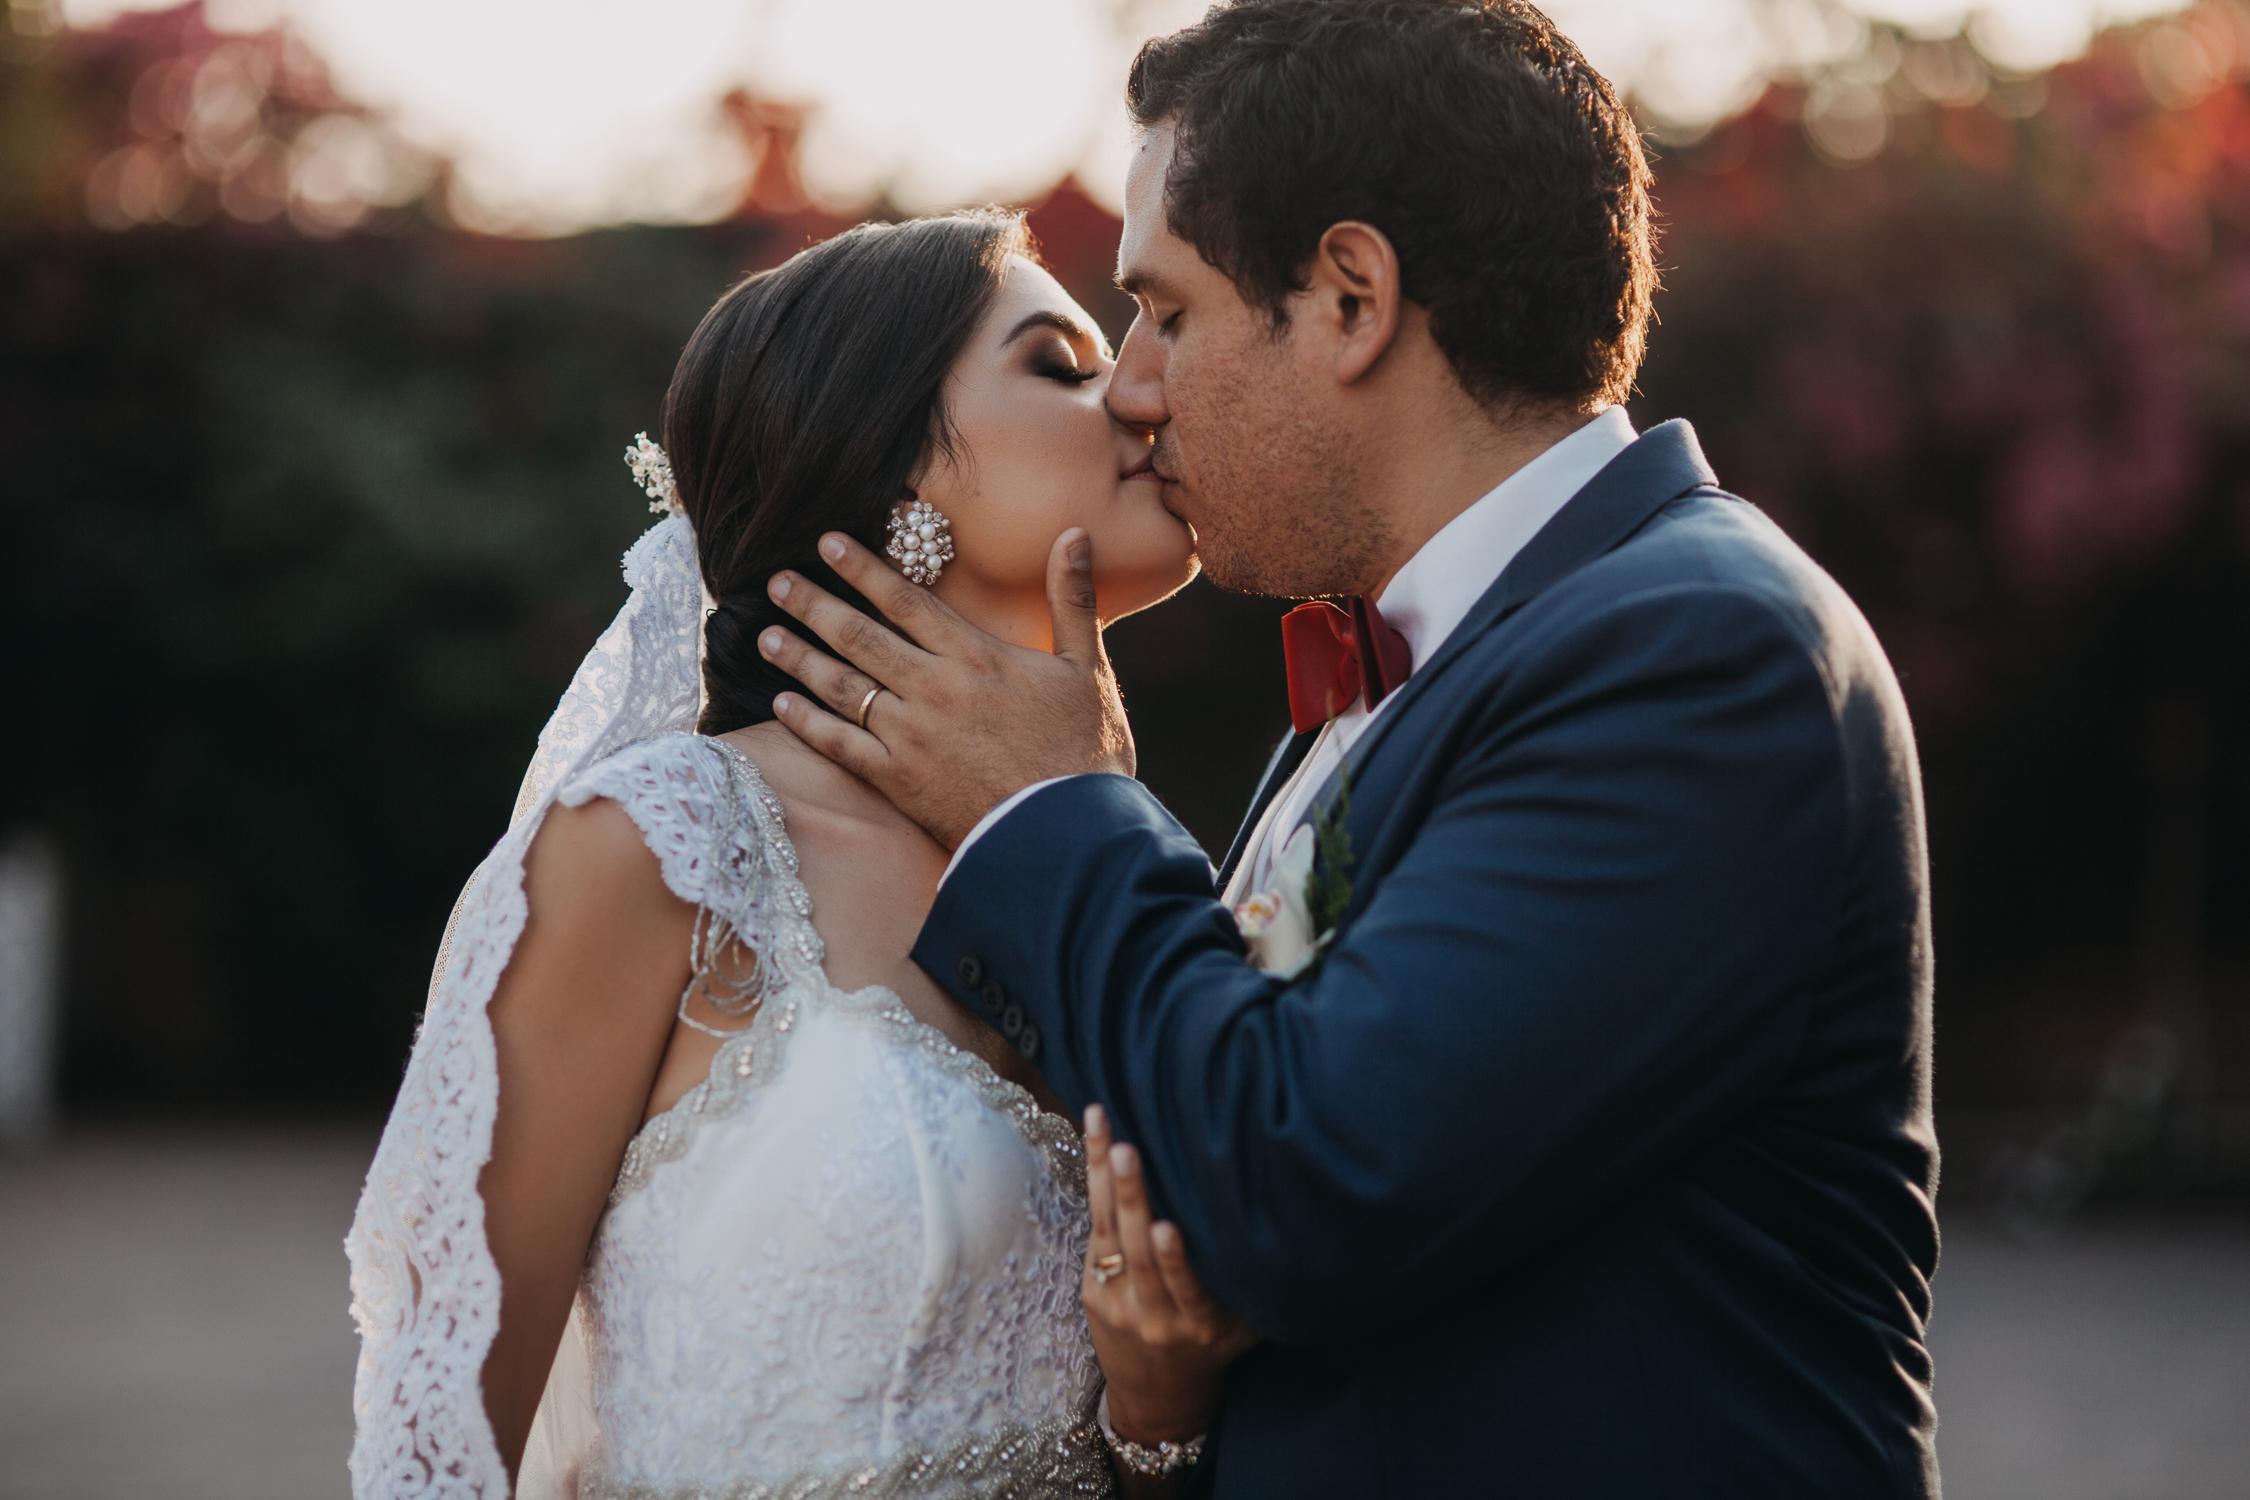 Michelle-Agurto-Fotografia-Bodas-Ecuador-Destination-Wedding-Photographer-Cristi-Luis-87.JPG